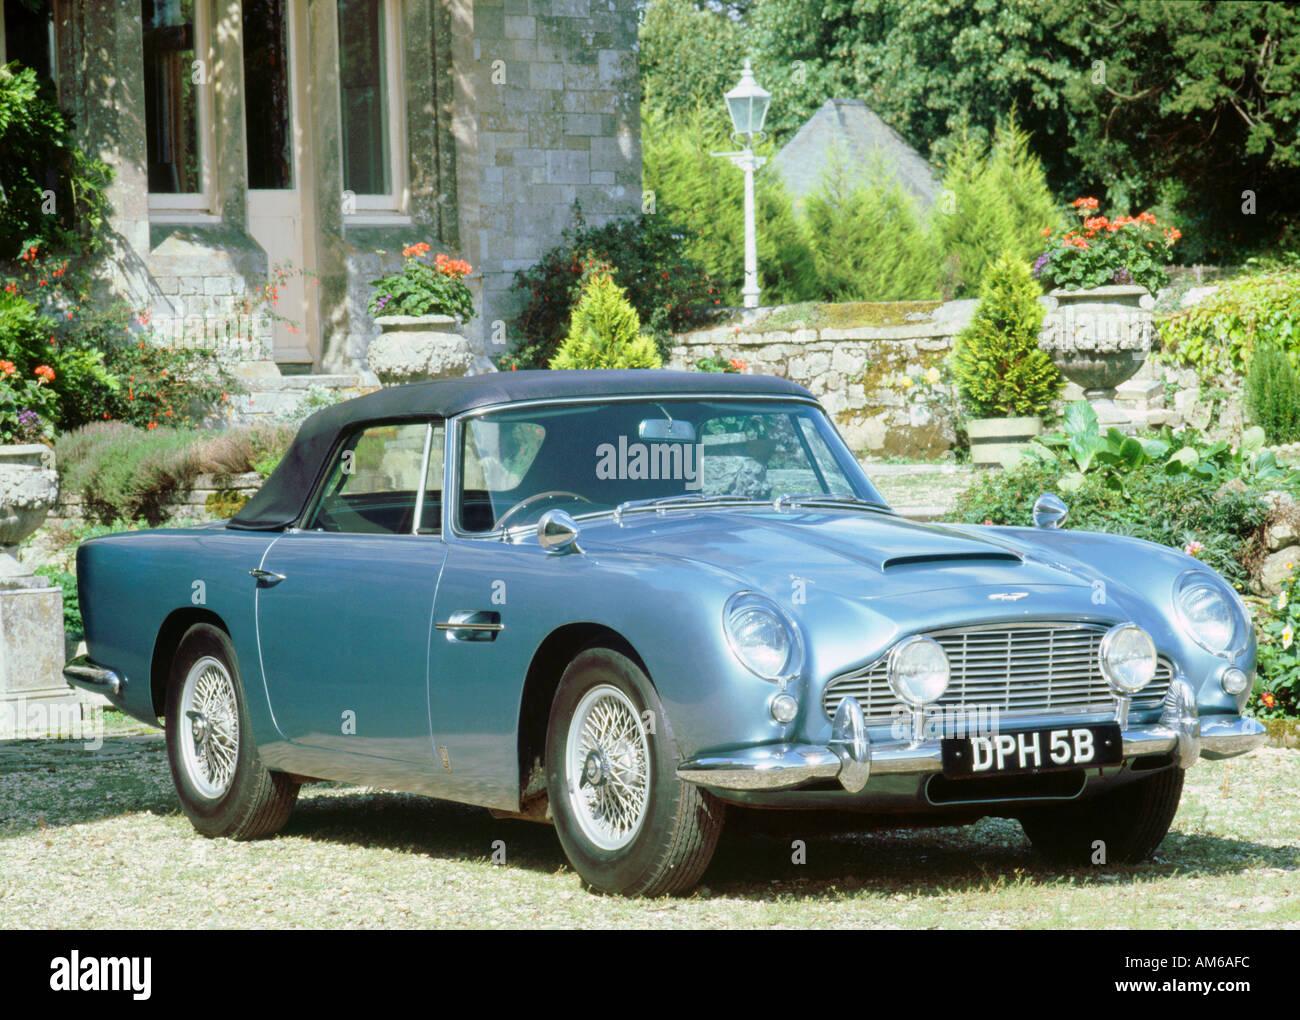 1965 Aston Martin Db5 Stockfotos Und Bilder Kaufen Alamy